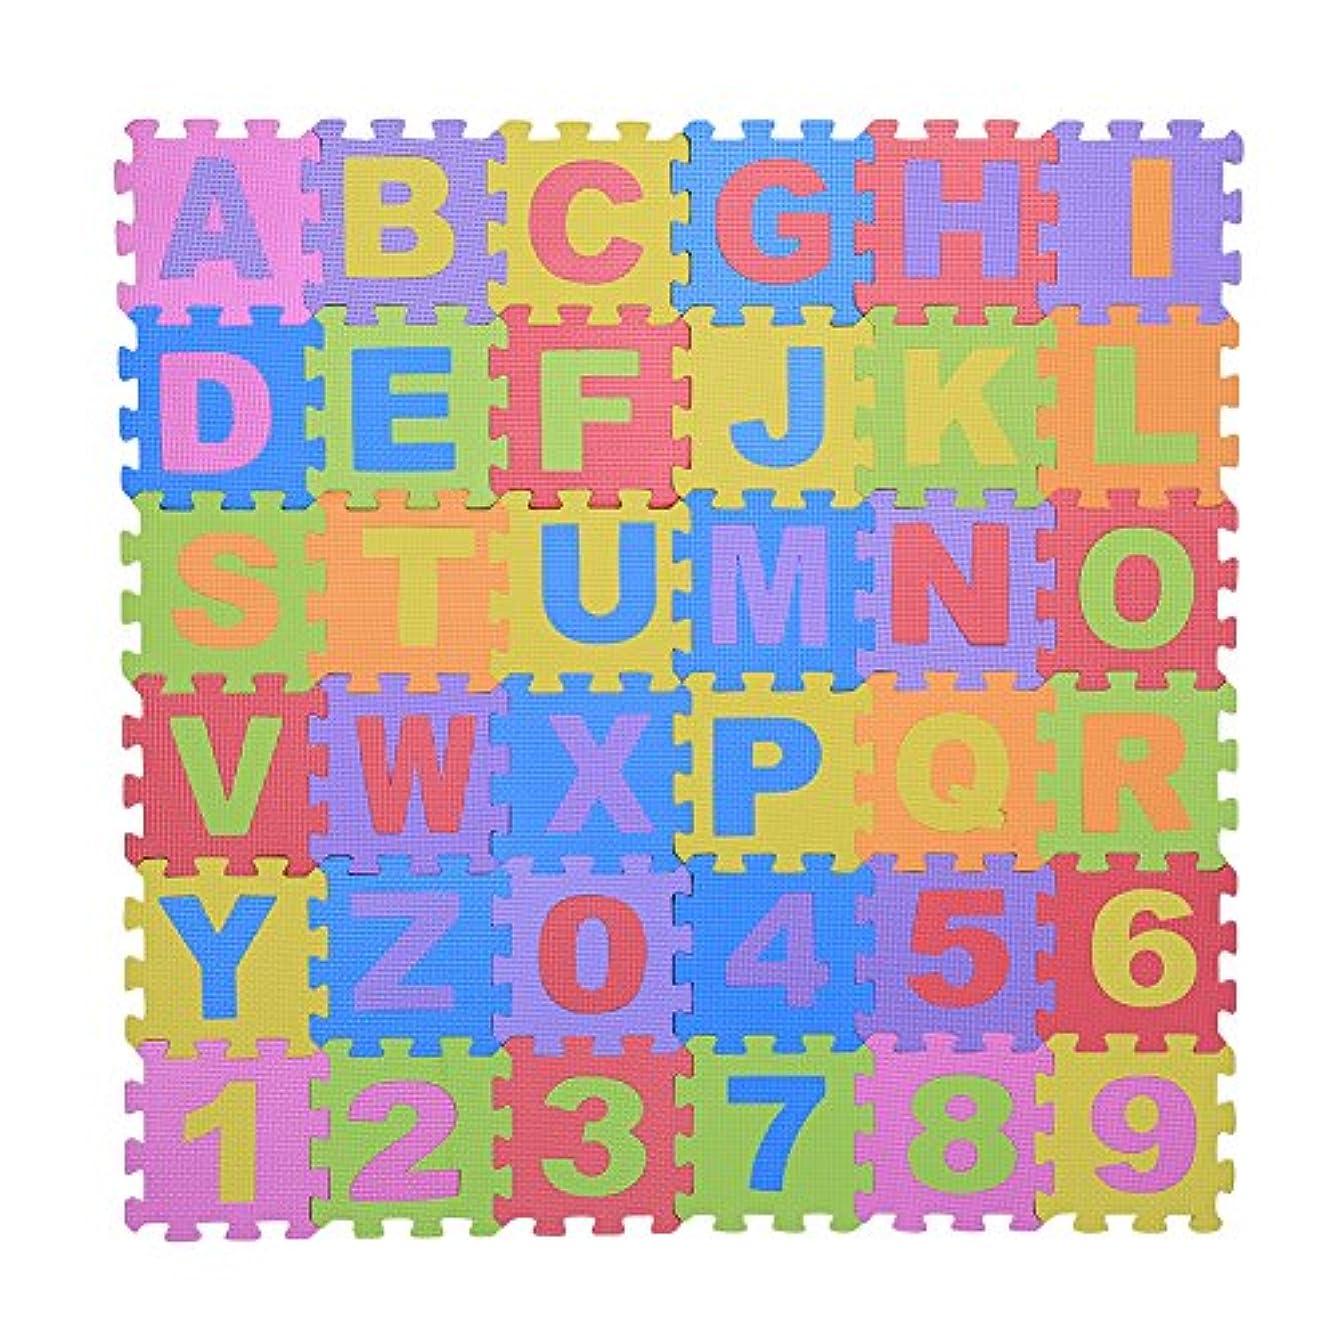 後ろに経済大事にする36ピース幼児ソフトEVAフォーム遊びパズルマット数字と手紙子供の子供たちがクロール非毒性パッドおもちゃを再生する